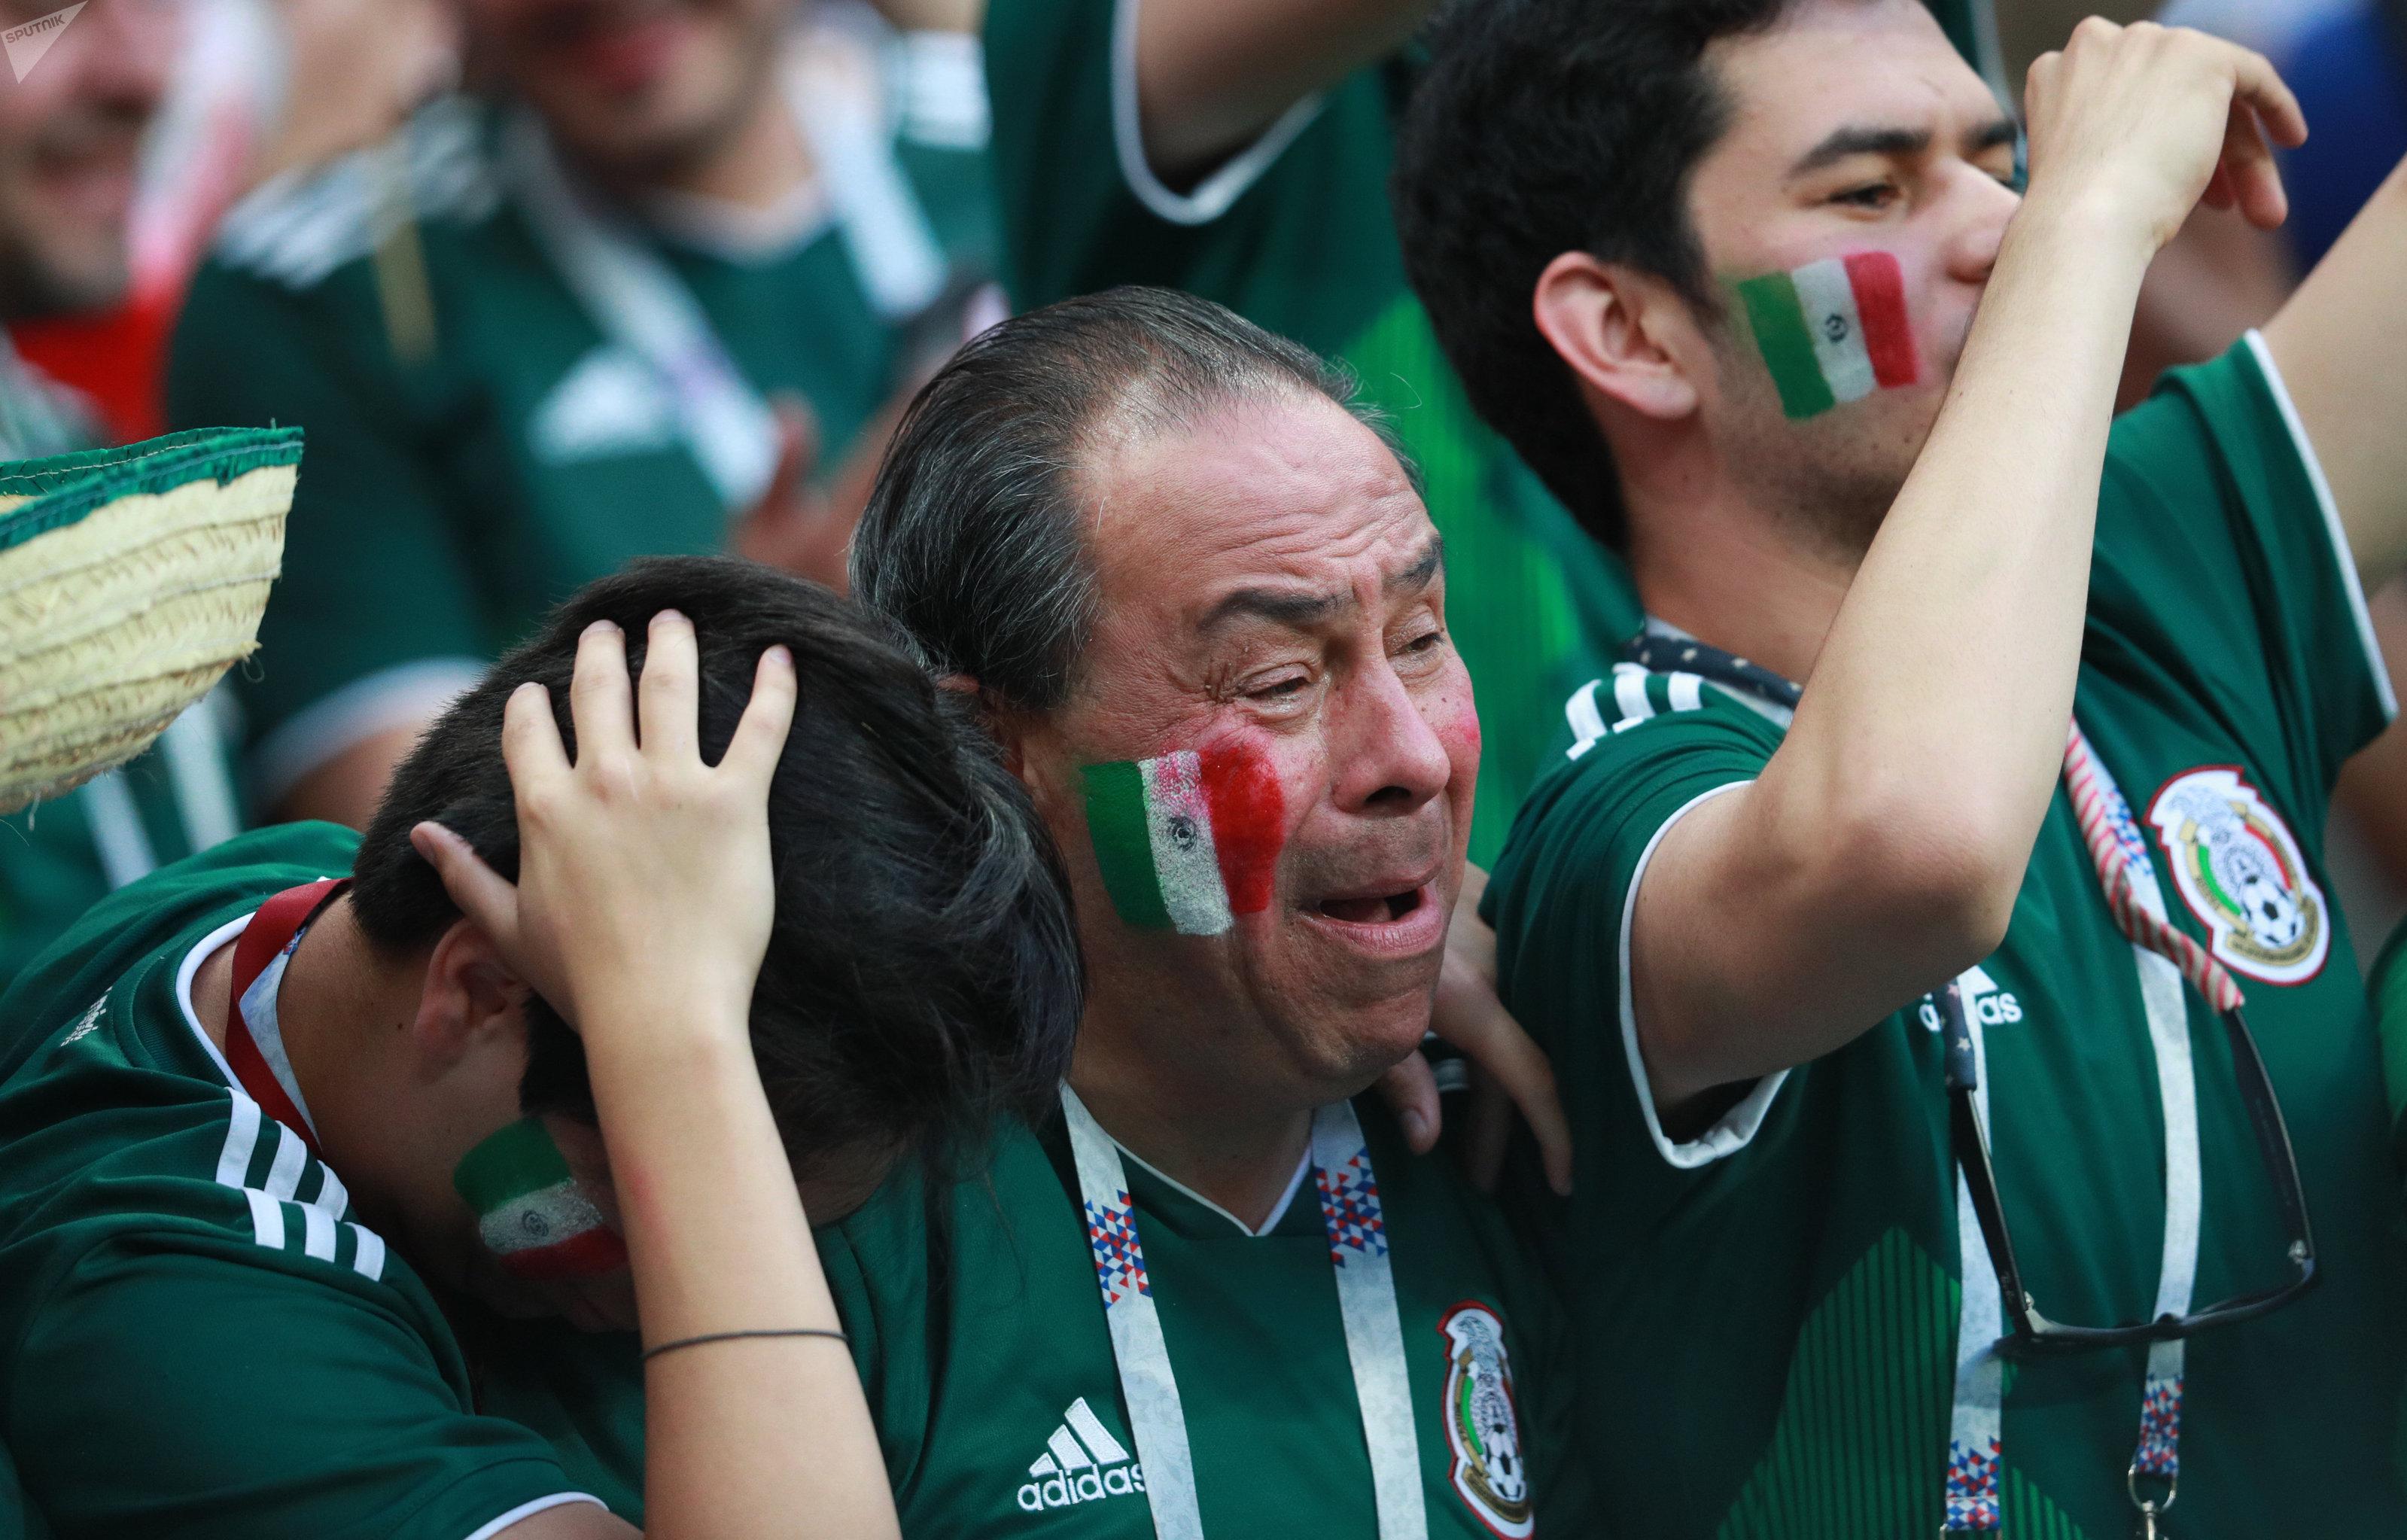 Hinchas de México emocionados por el triunfo ante Alemania en Rusia 2018